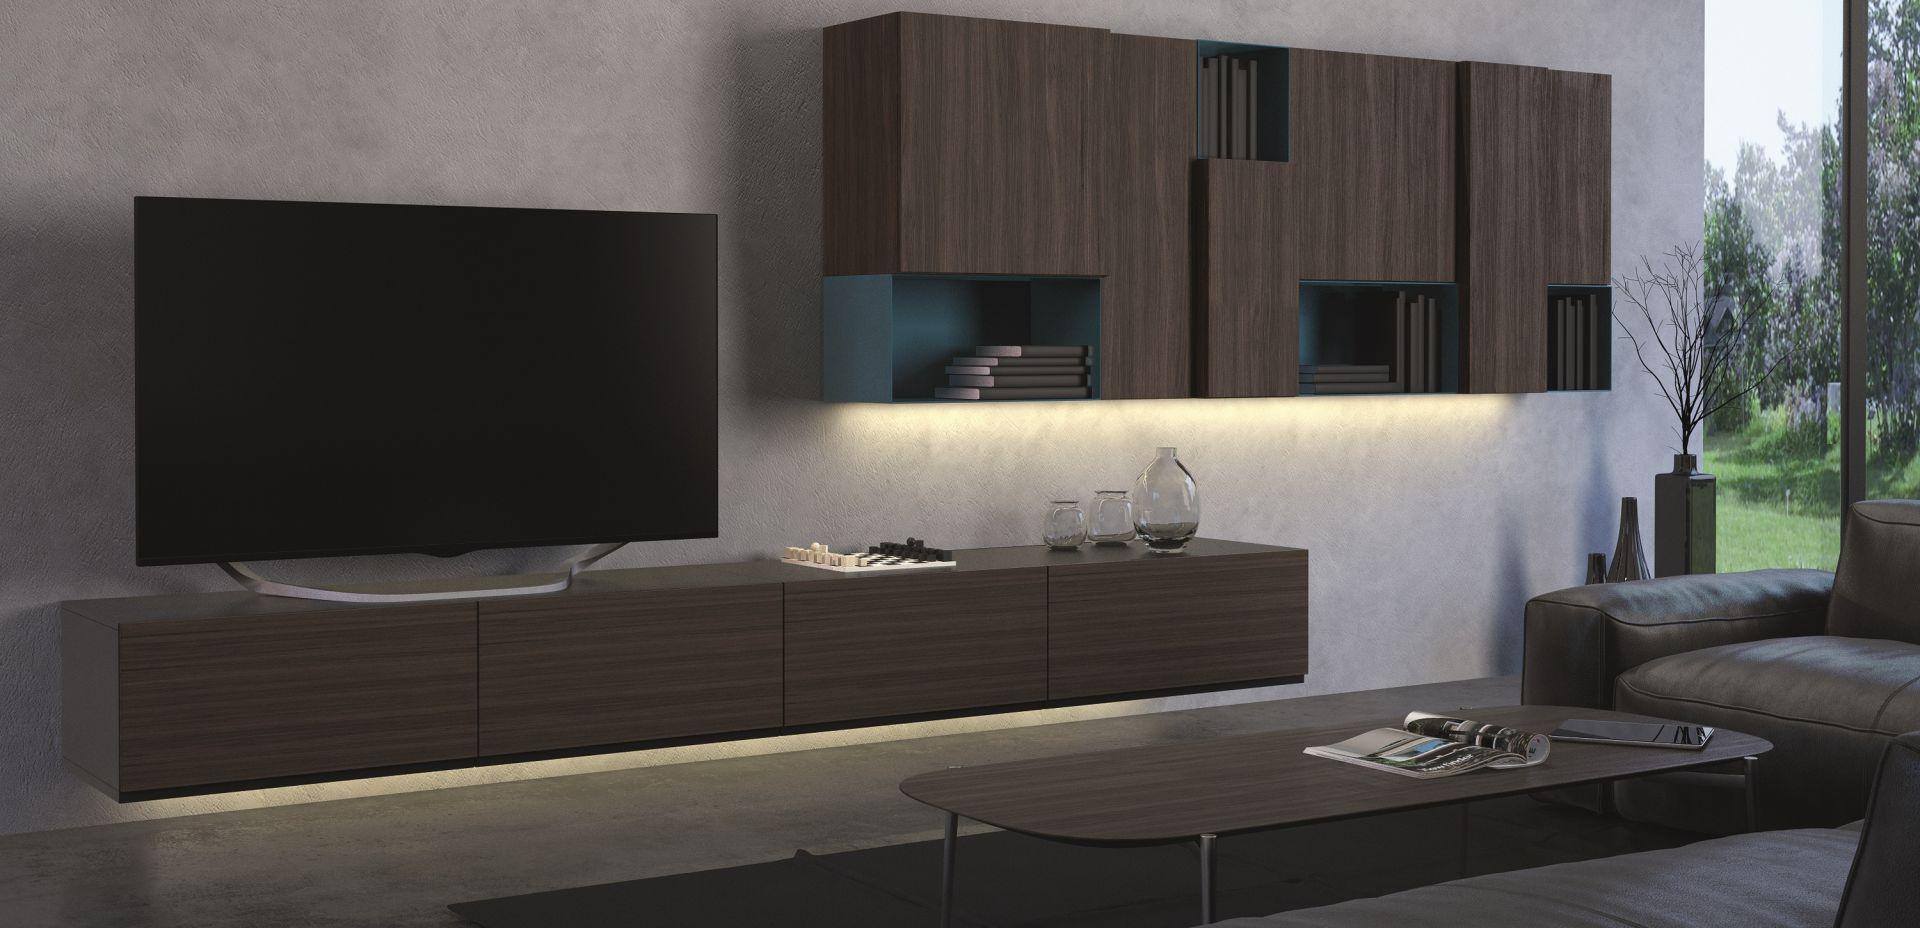 Häfele oferuje tutaj cały szereg rozwiązań dzięki swojej serii Loox. Produkty te łączą nowoczesne rozwiązania technologiczne z prostotą montażu i niezawodnością. Fot. Hafele Loox LED